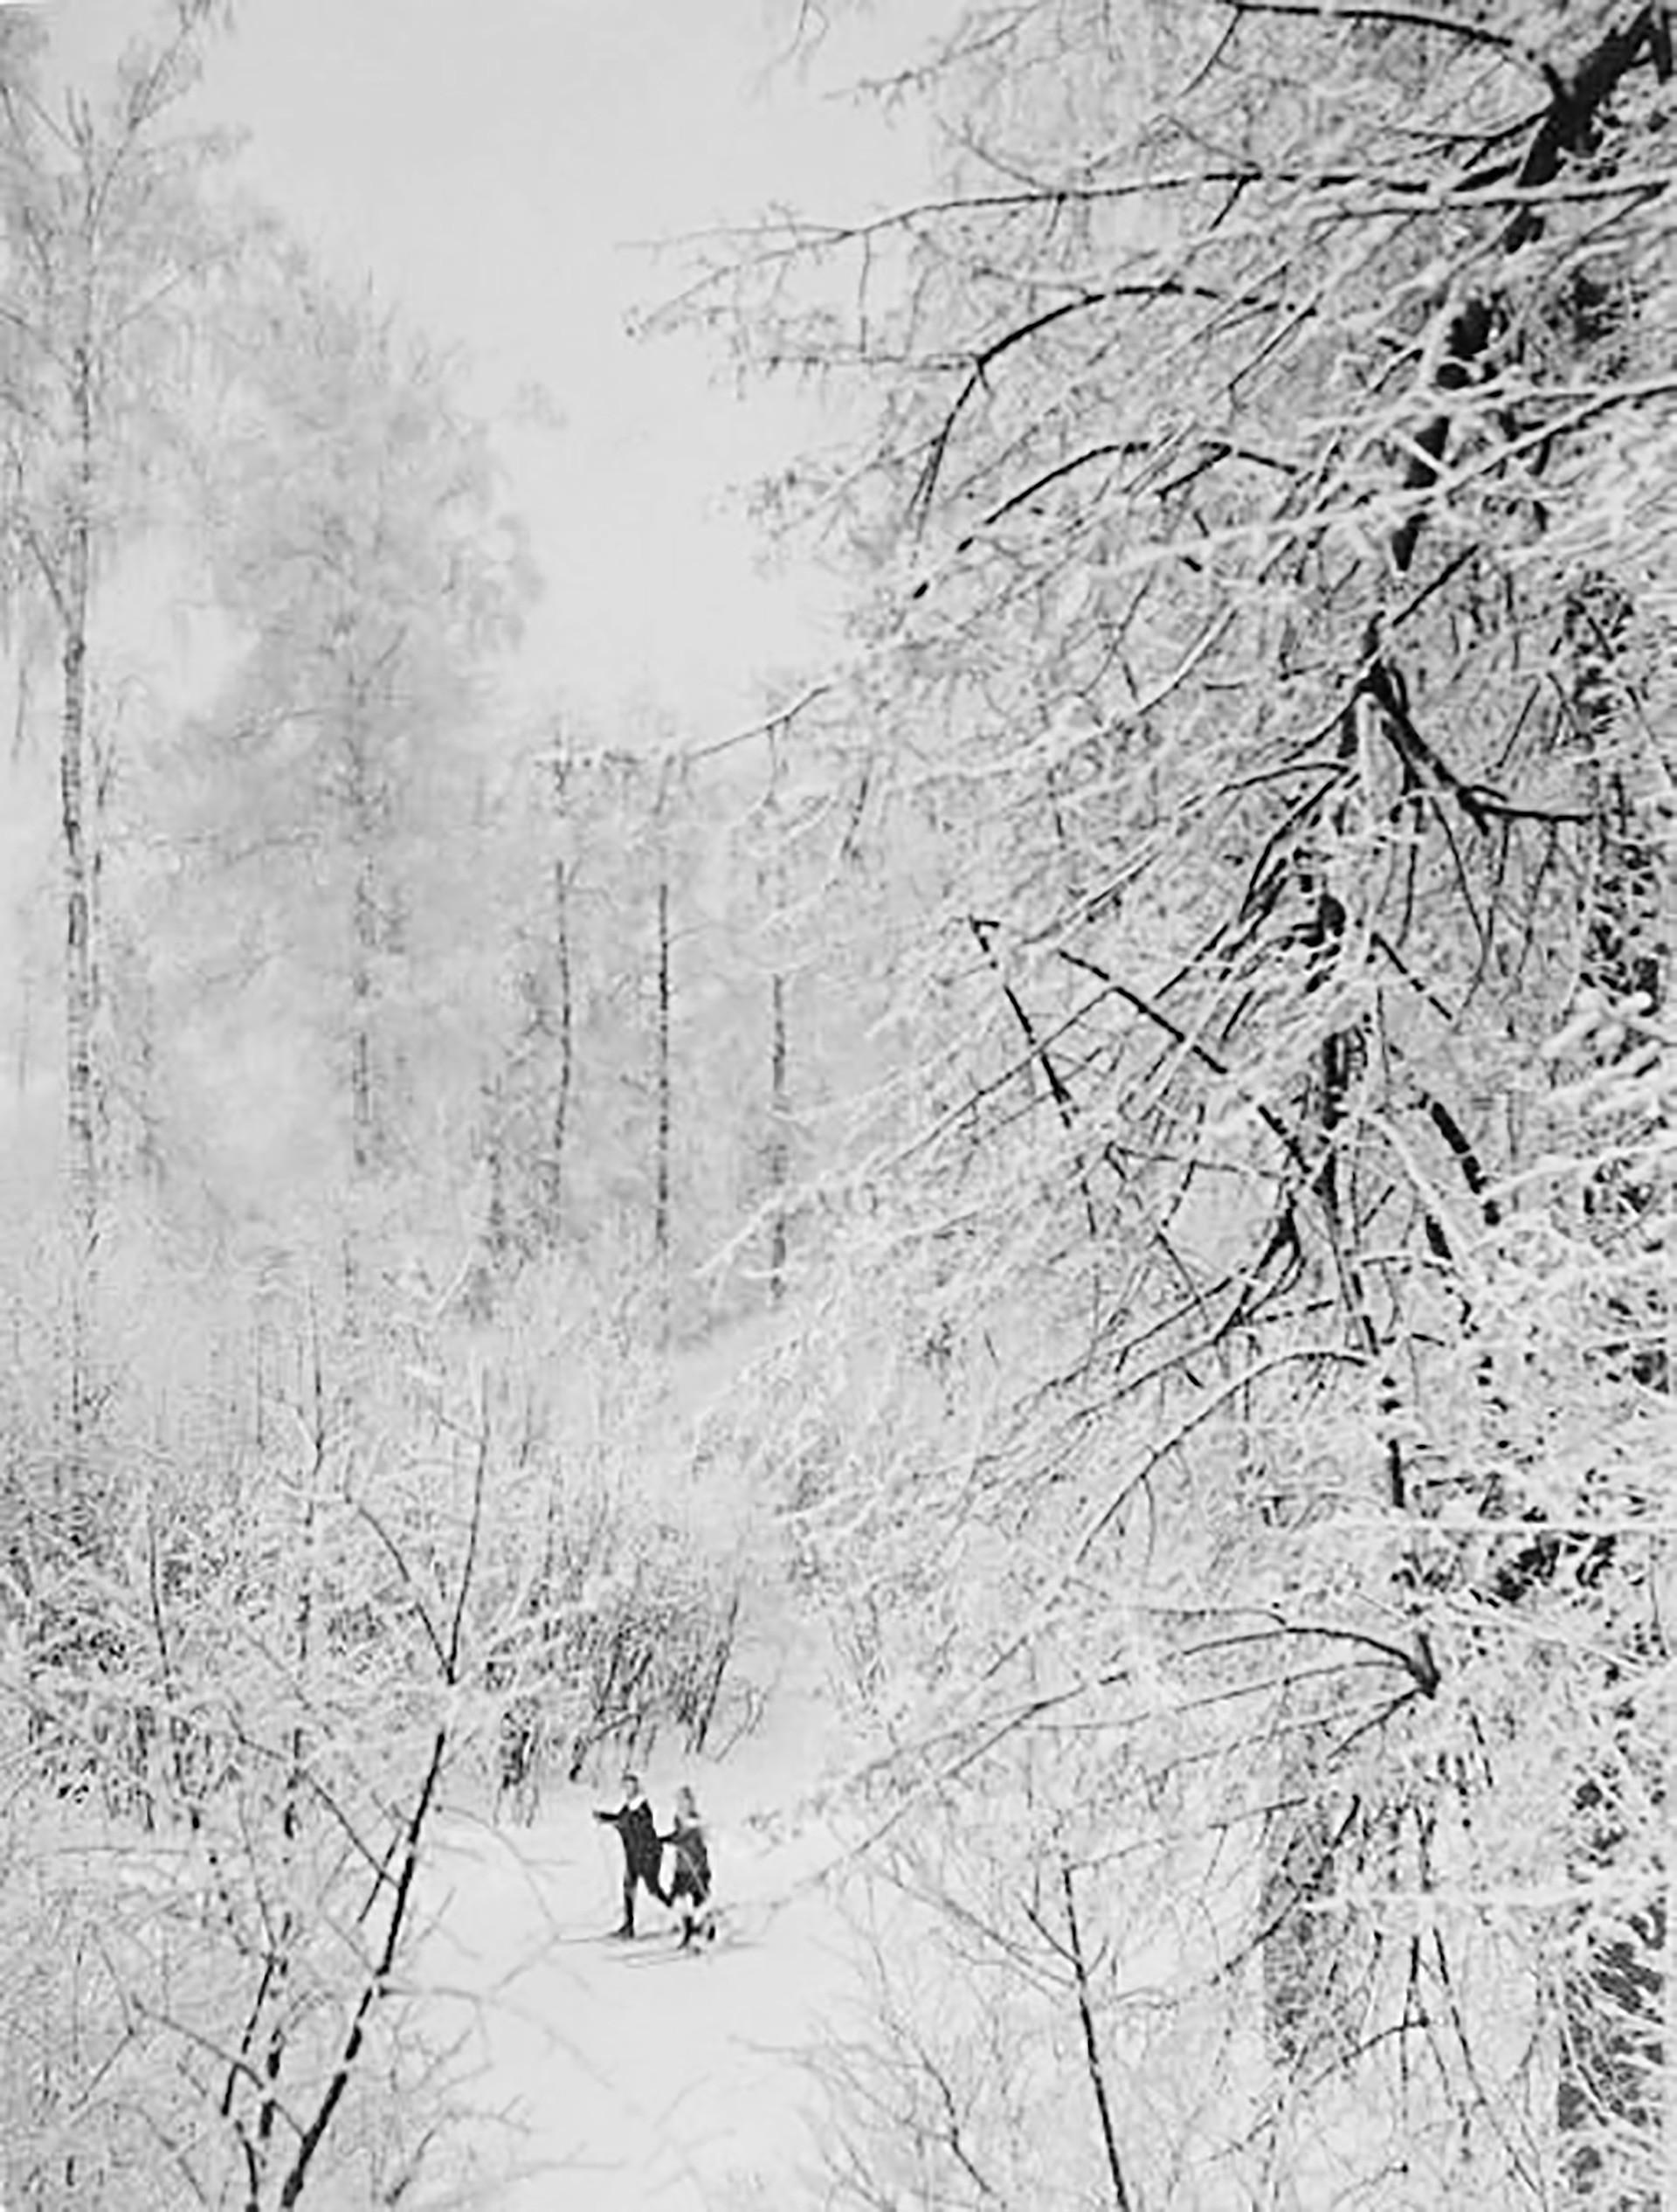 Skifahren ist seit jeher ein russischer Wintersportklassiker. Zu Sowjetzeiten gehörte Skilaufen sogar zum Schulsportprogramm.